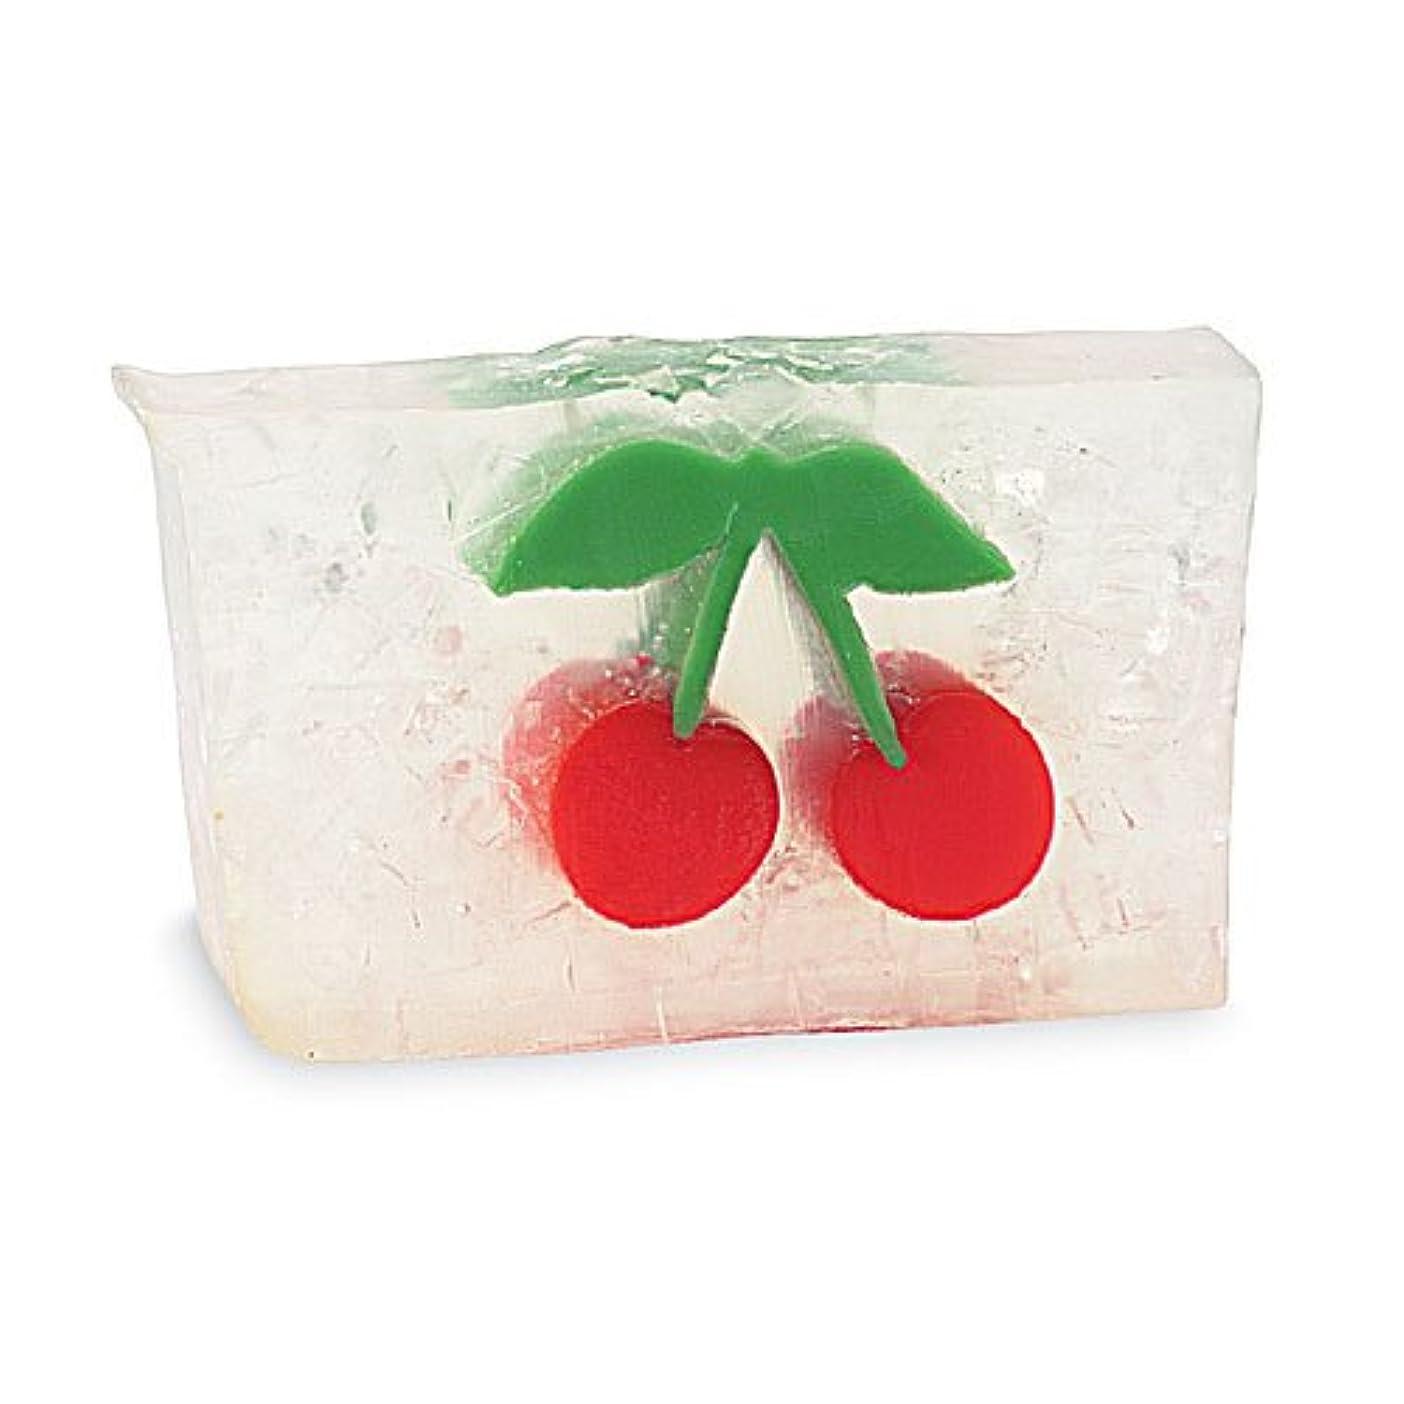 投資するフリンジ金額プライモールエレメンツ アロマティック ソープ チェリー 180g 植物性 ナチュラル 石鹸 無添加